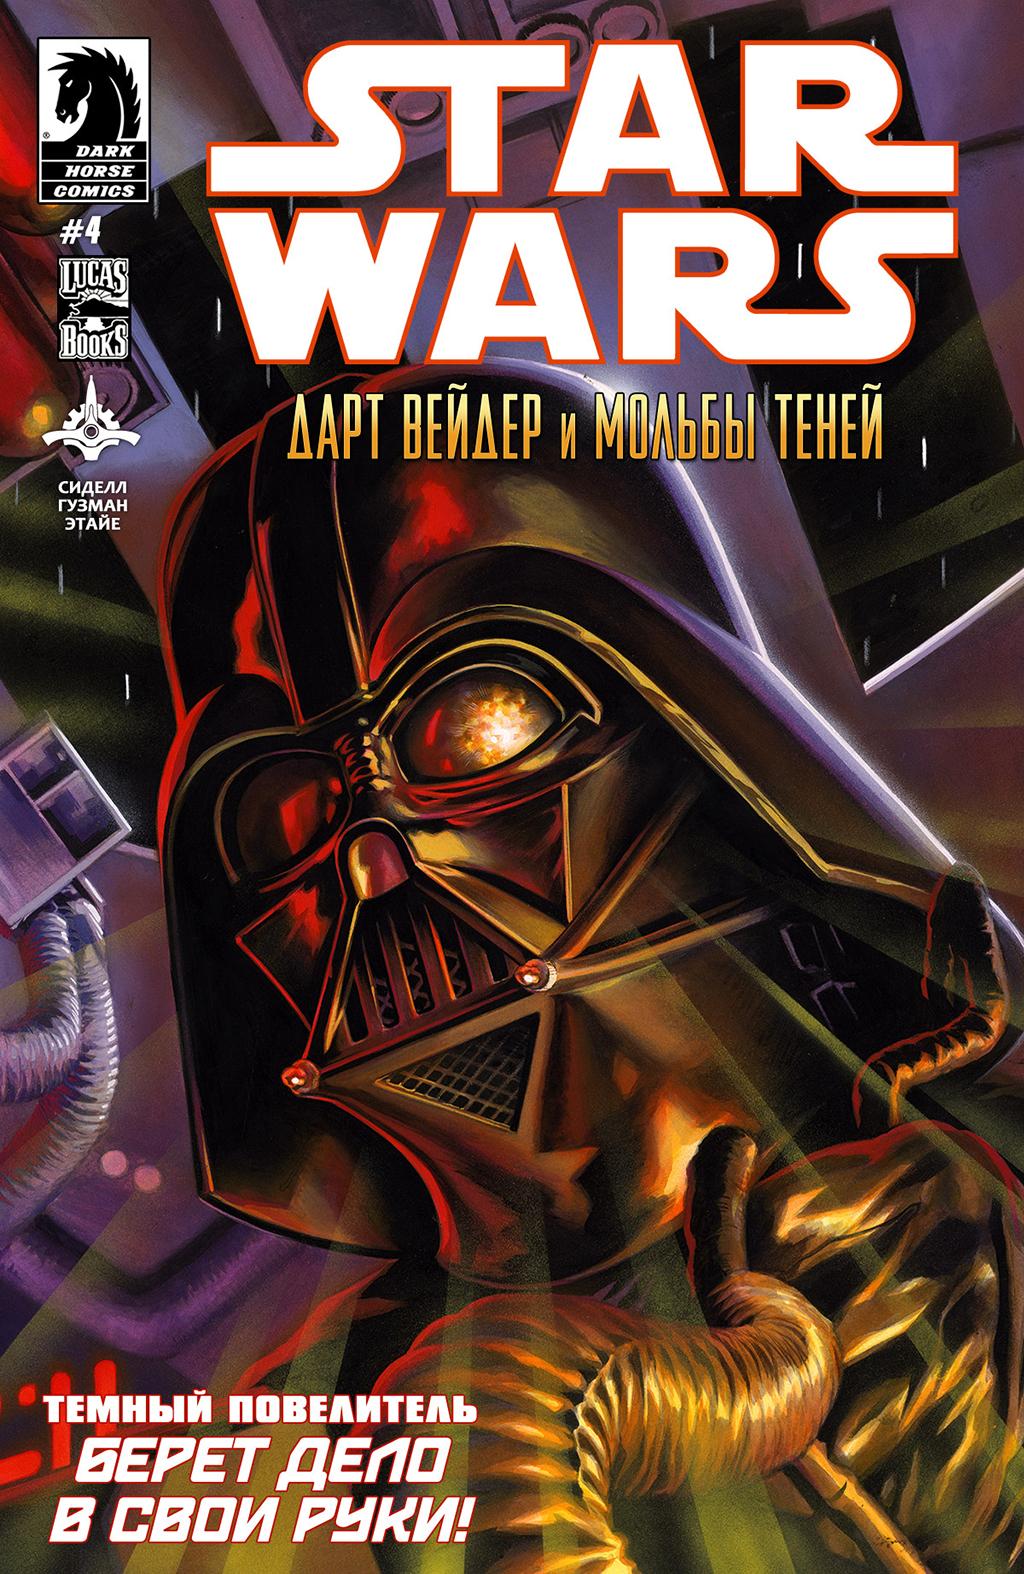 Комикс Звездные Войны: Дарт Вейдер и Мольбы Теней